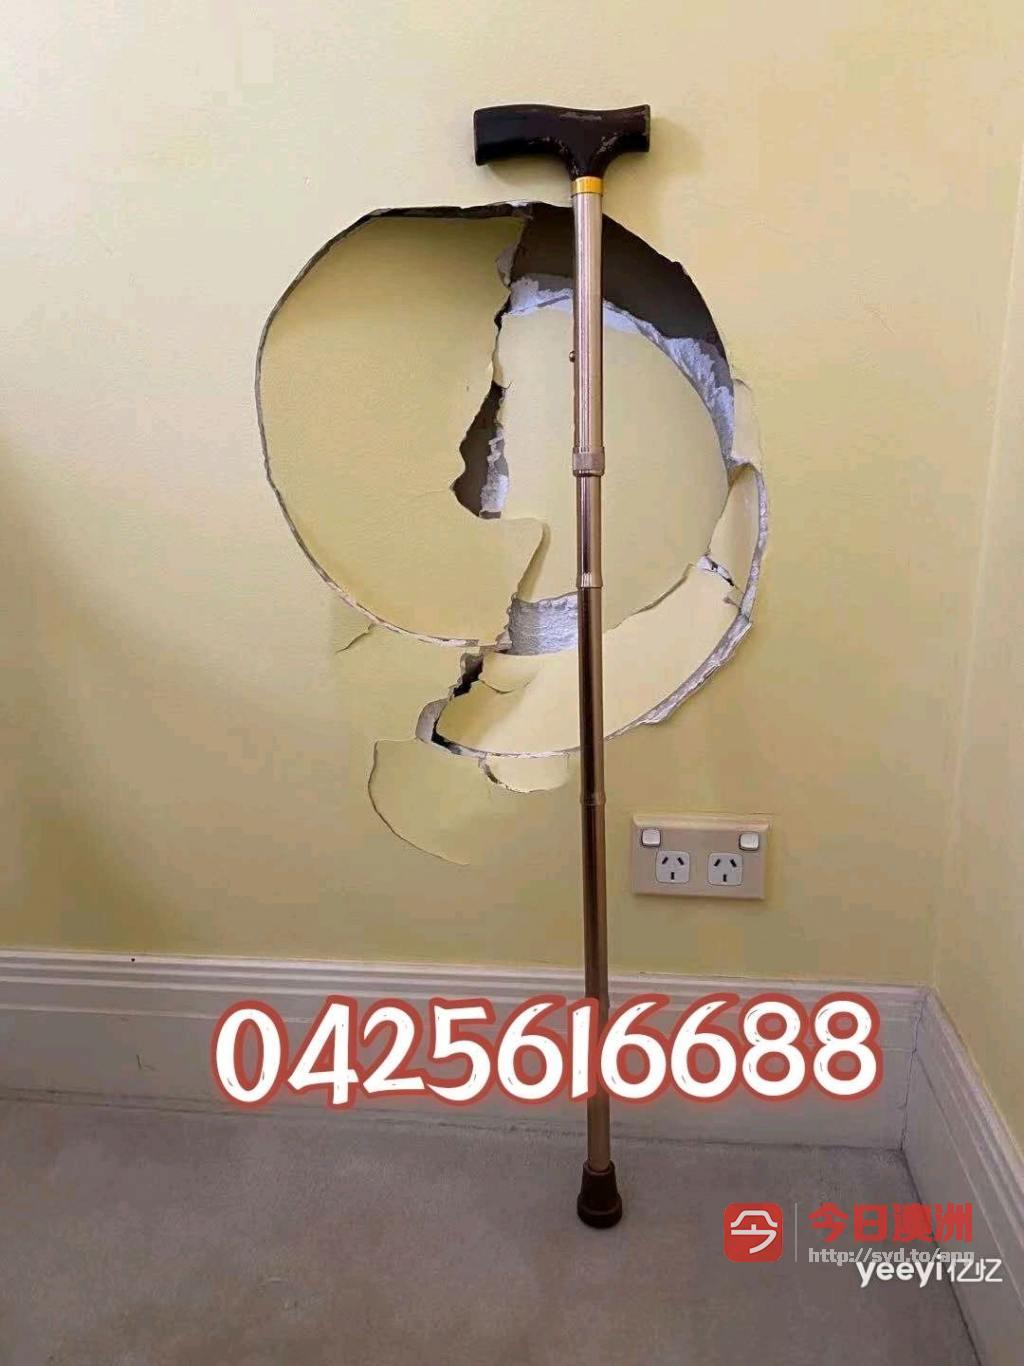 专业补墙补洞技术一流价格实惠包退房成功